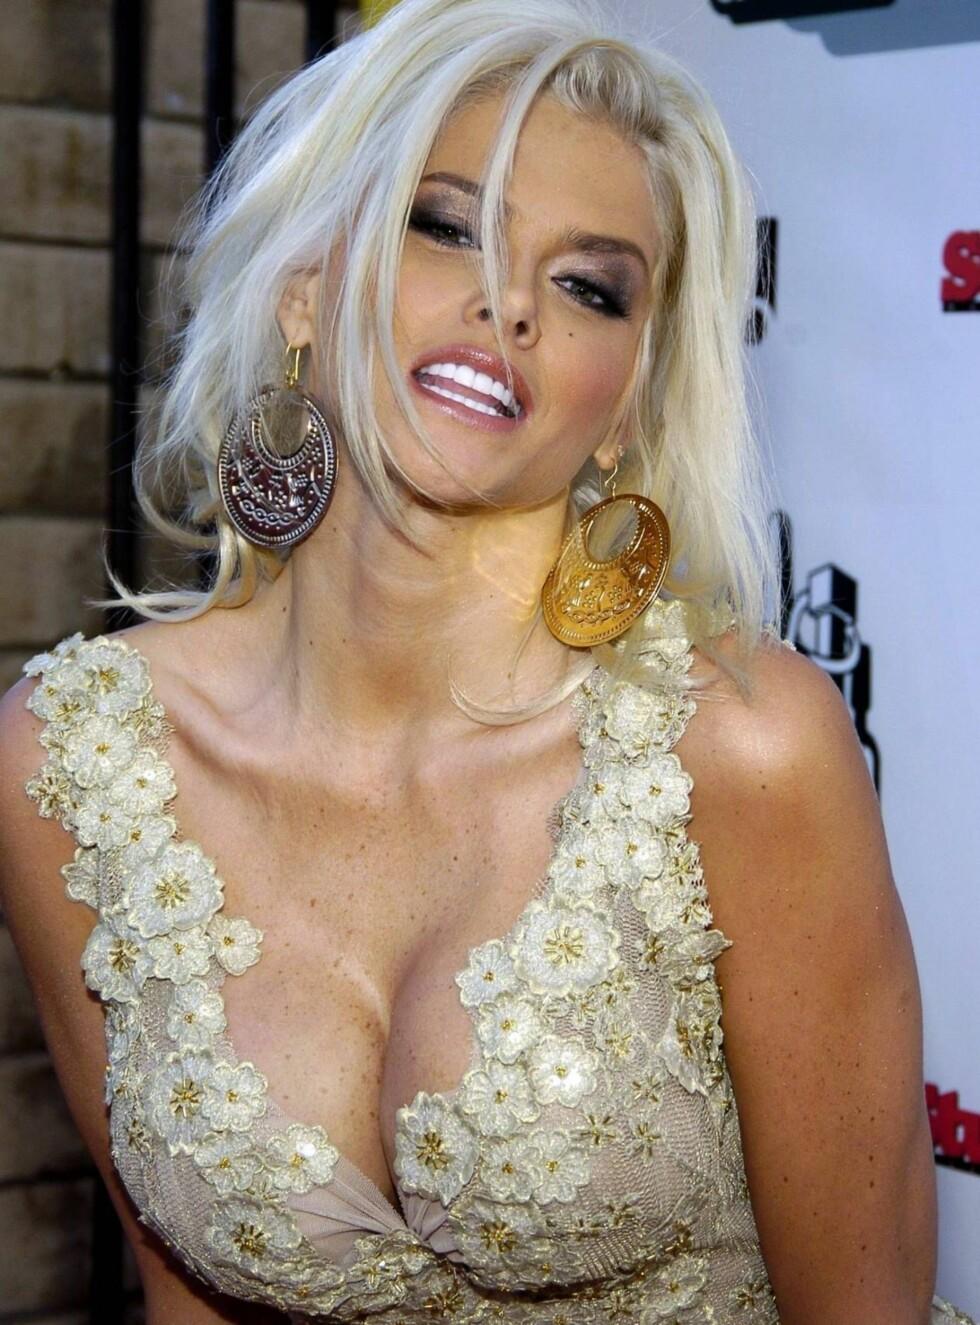 FLOTT: Anna Nicole Smith elsket å kle seg i kjoler, akkurat som forbildet, ikonet Marilyn Monroe. Monroe ble begravd iført favorittkjolen fra Emilio Pucci. Foto: All Over Press